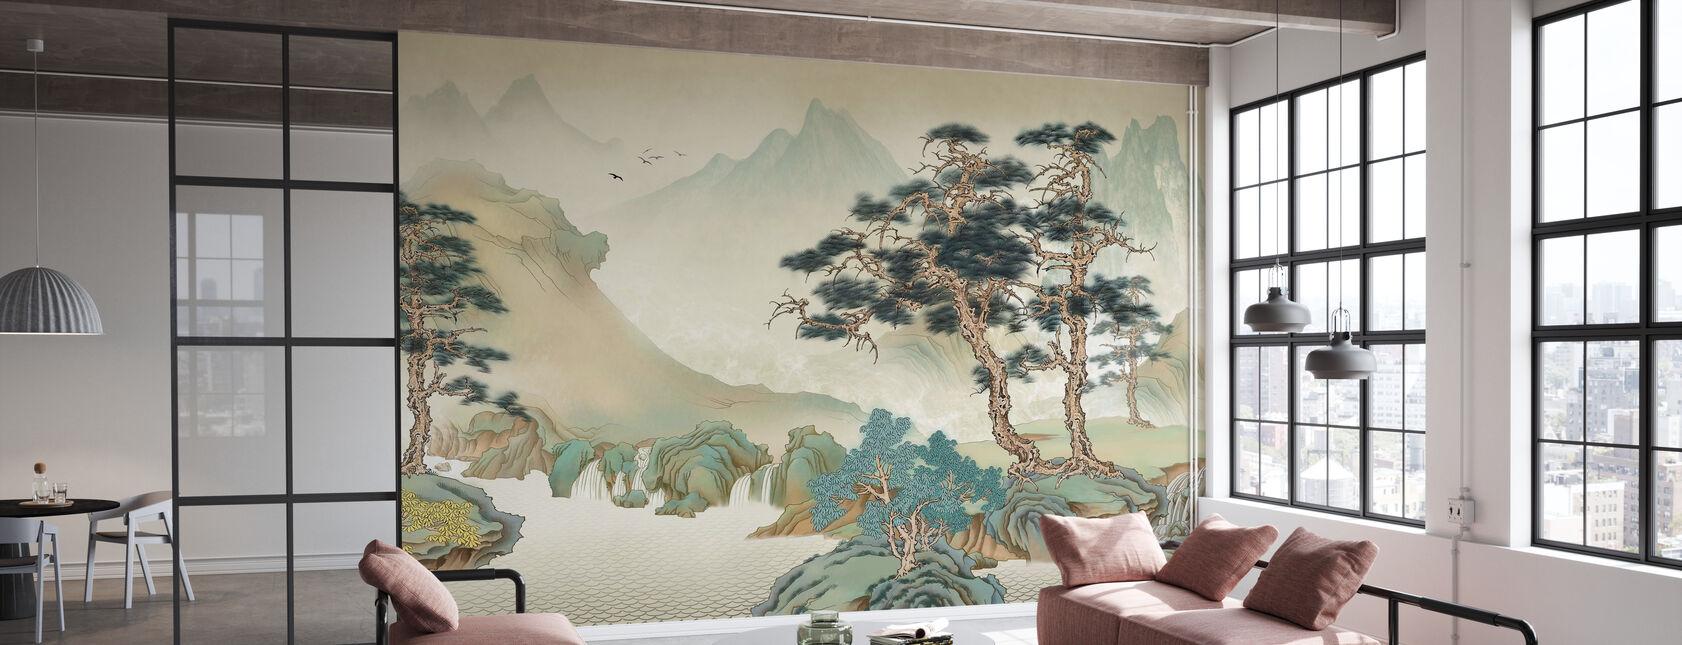 Jiangs Landscape - Wallpaper - Office